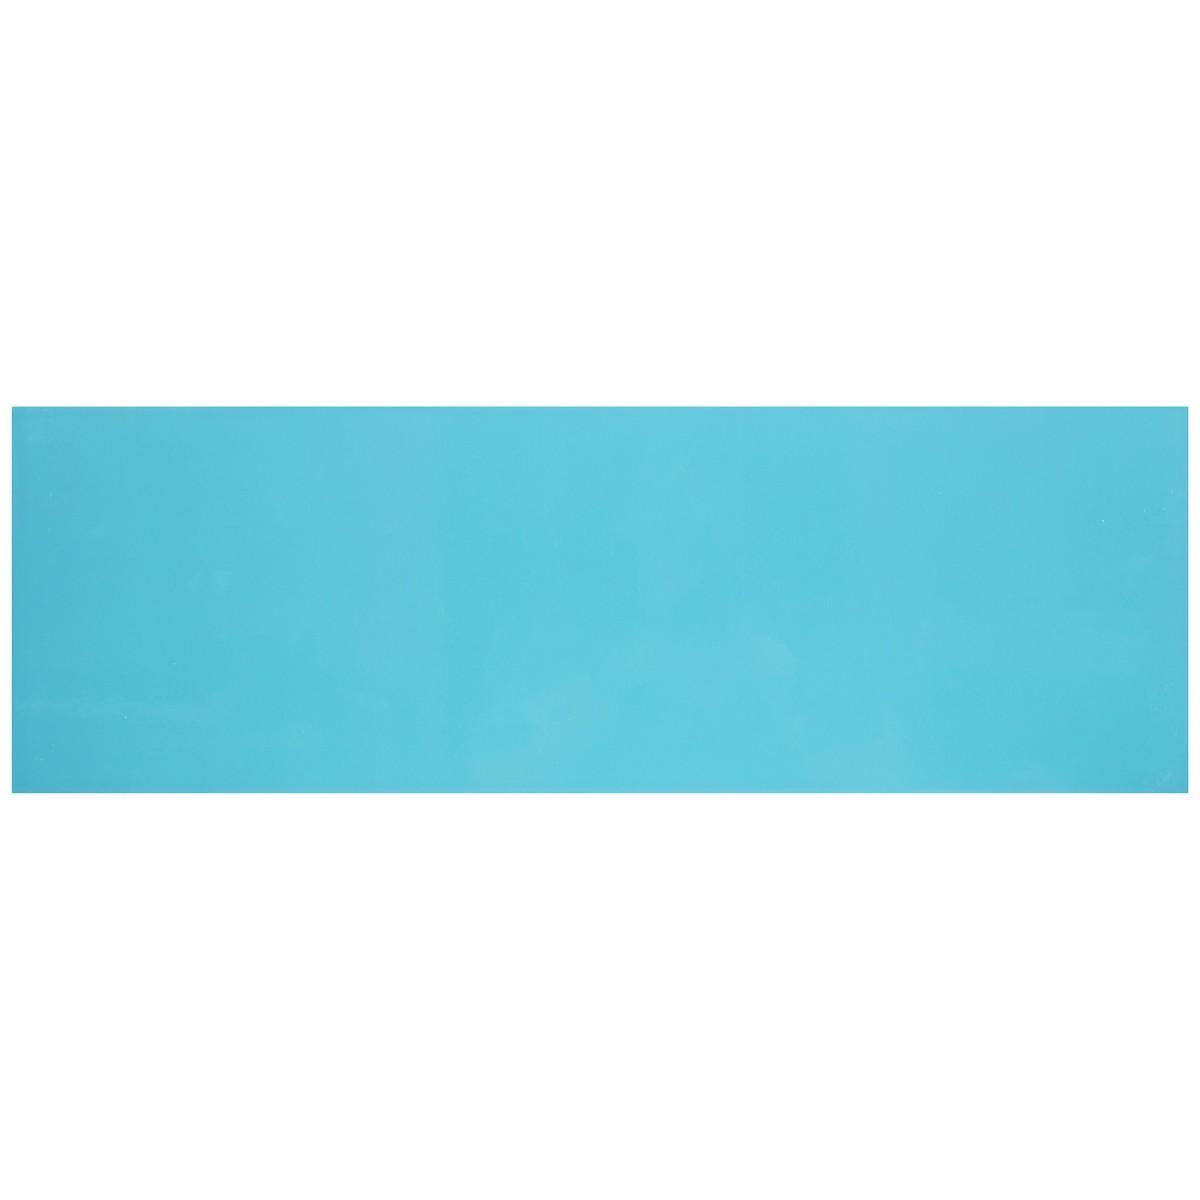 Плитка настенная Cicogres Aqua Marina 25х75 см 1.31 м2 цвет синий